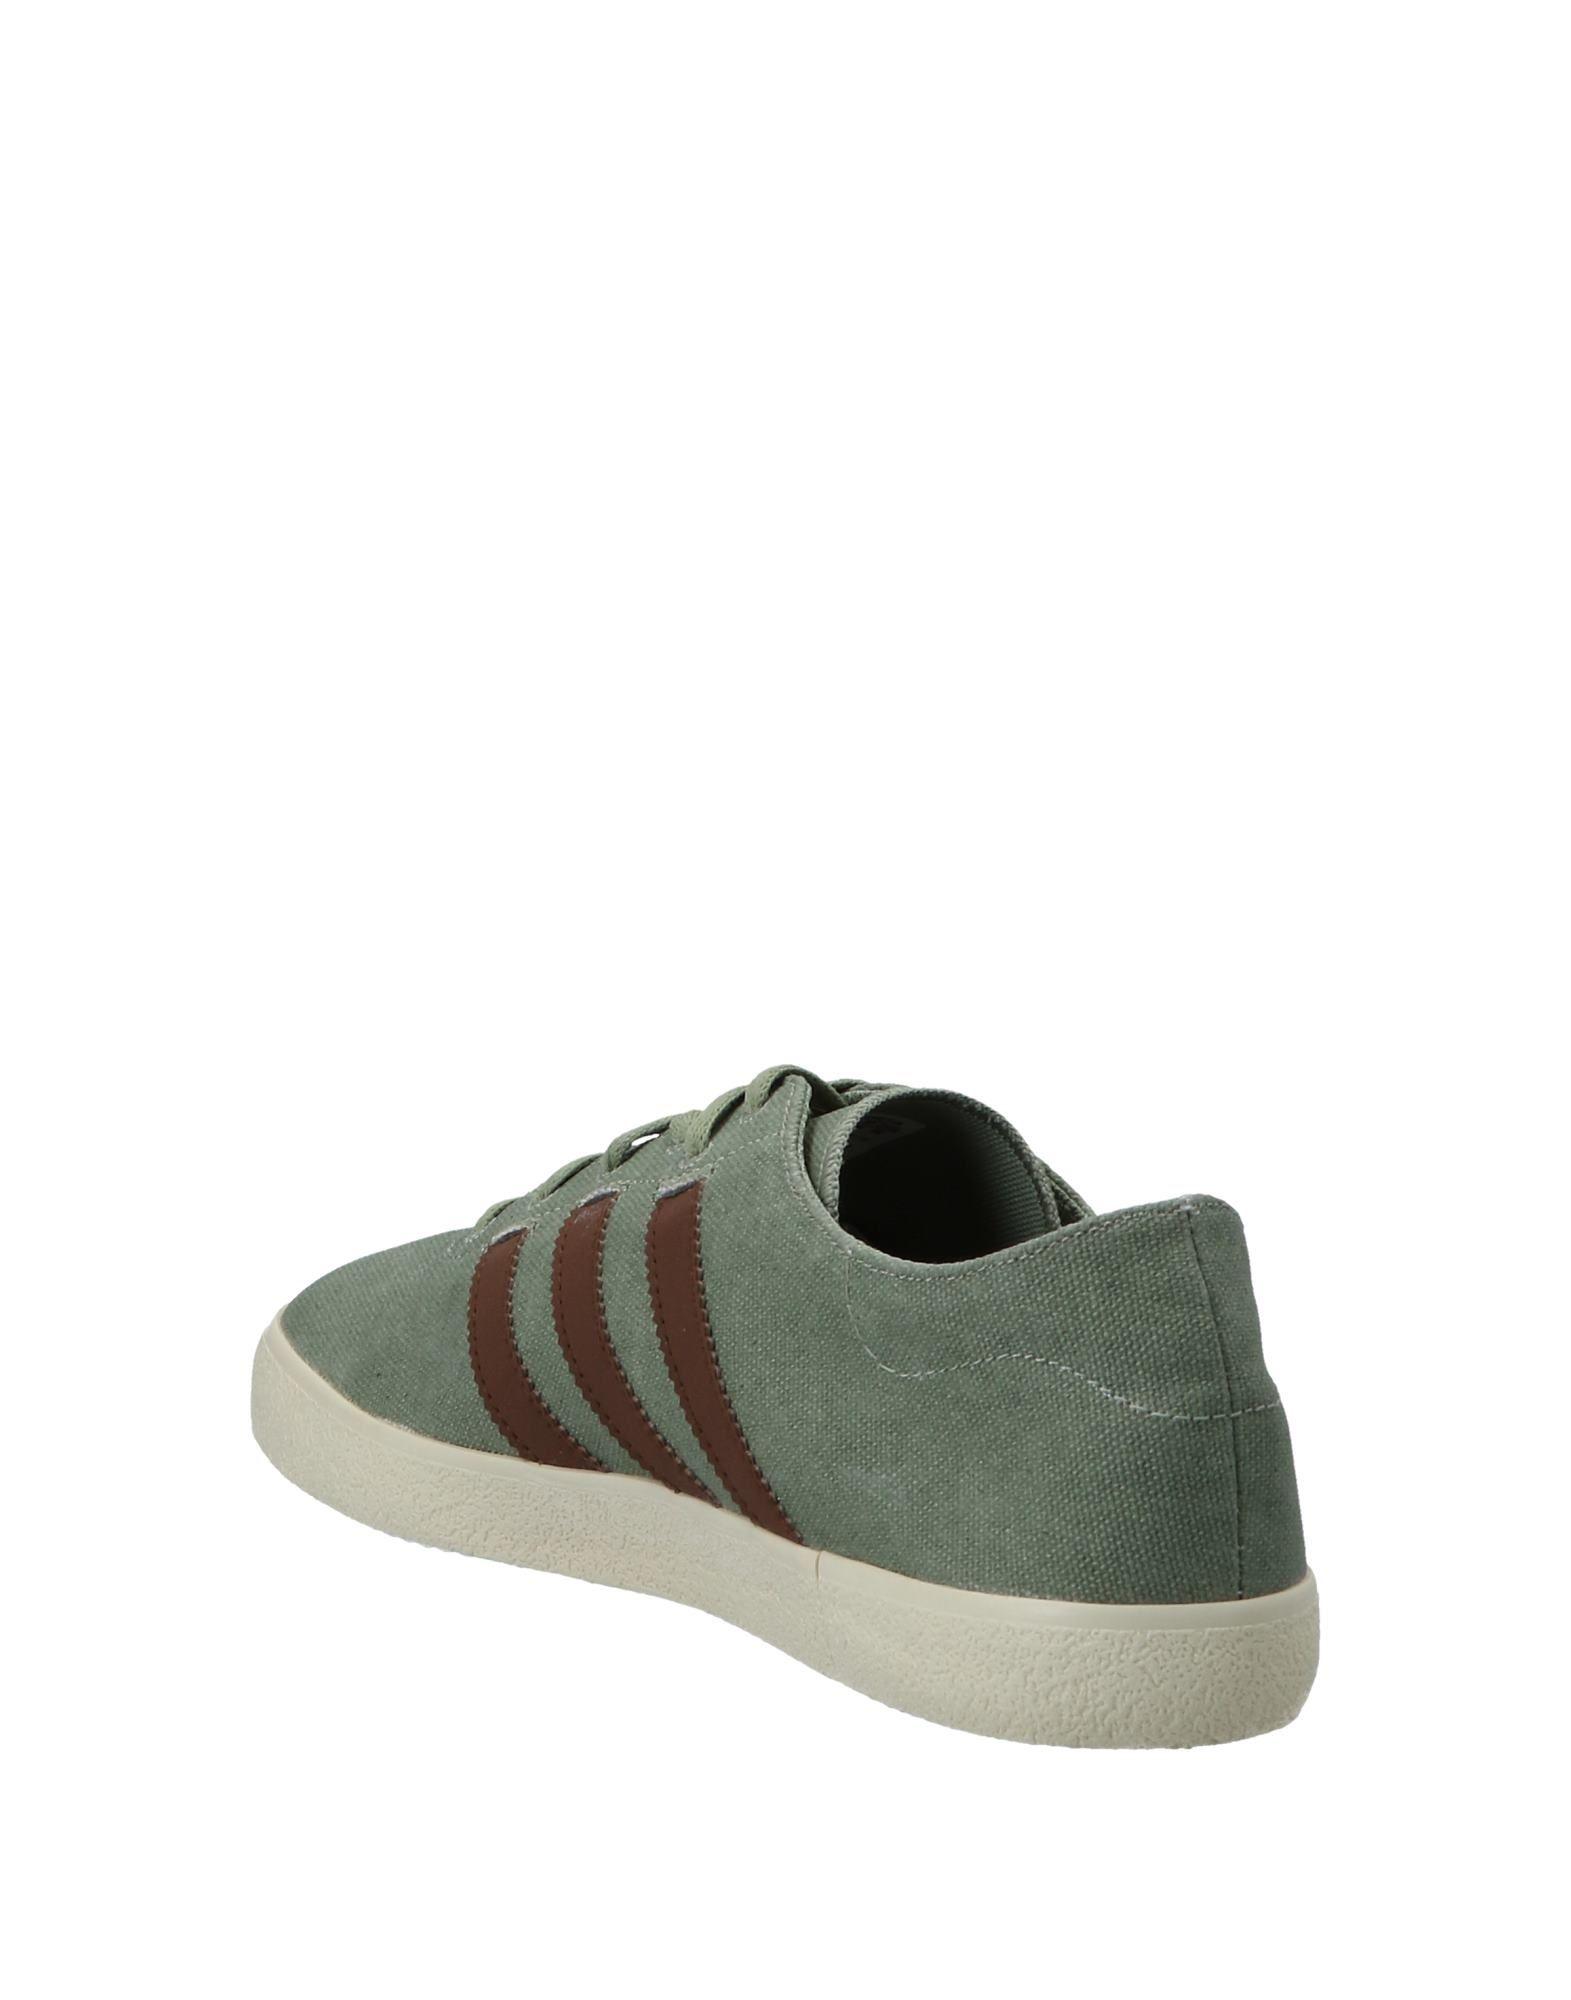 Rabatt echte Herren Schuhe Adidas Originals Sneakers Herren echte  11553987PX a06e7c